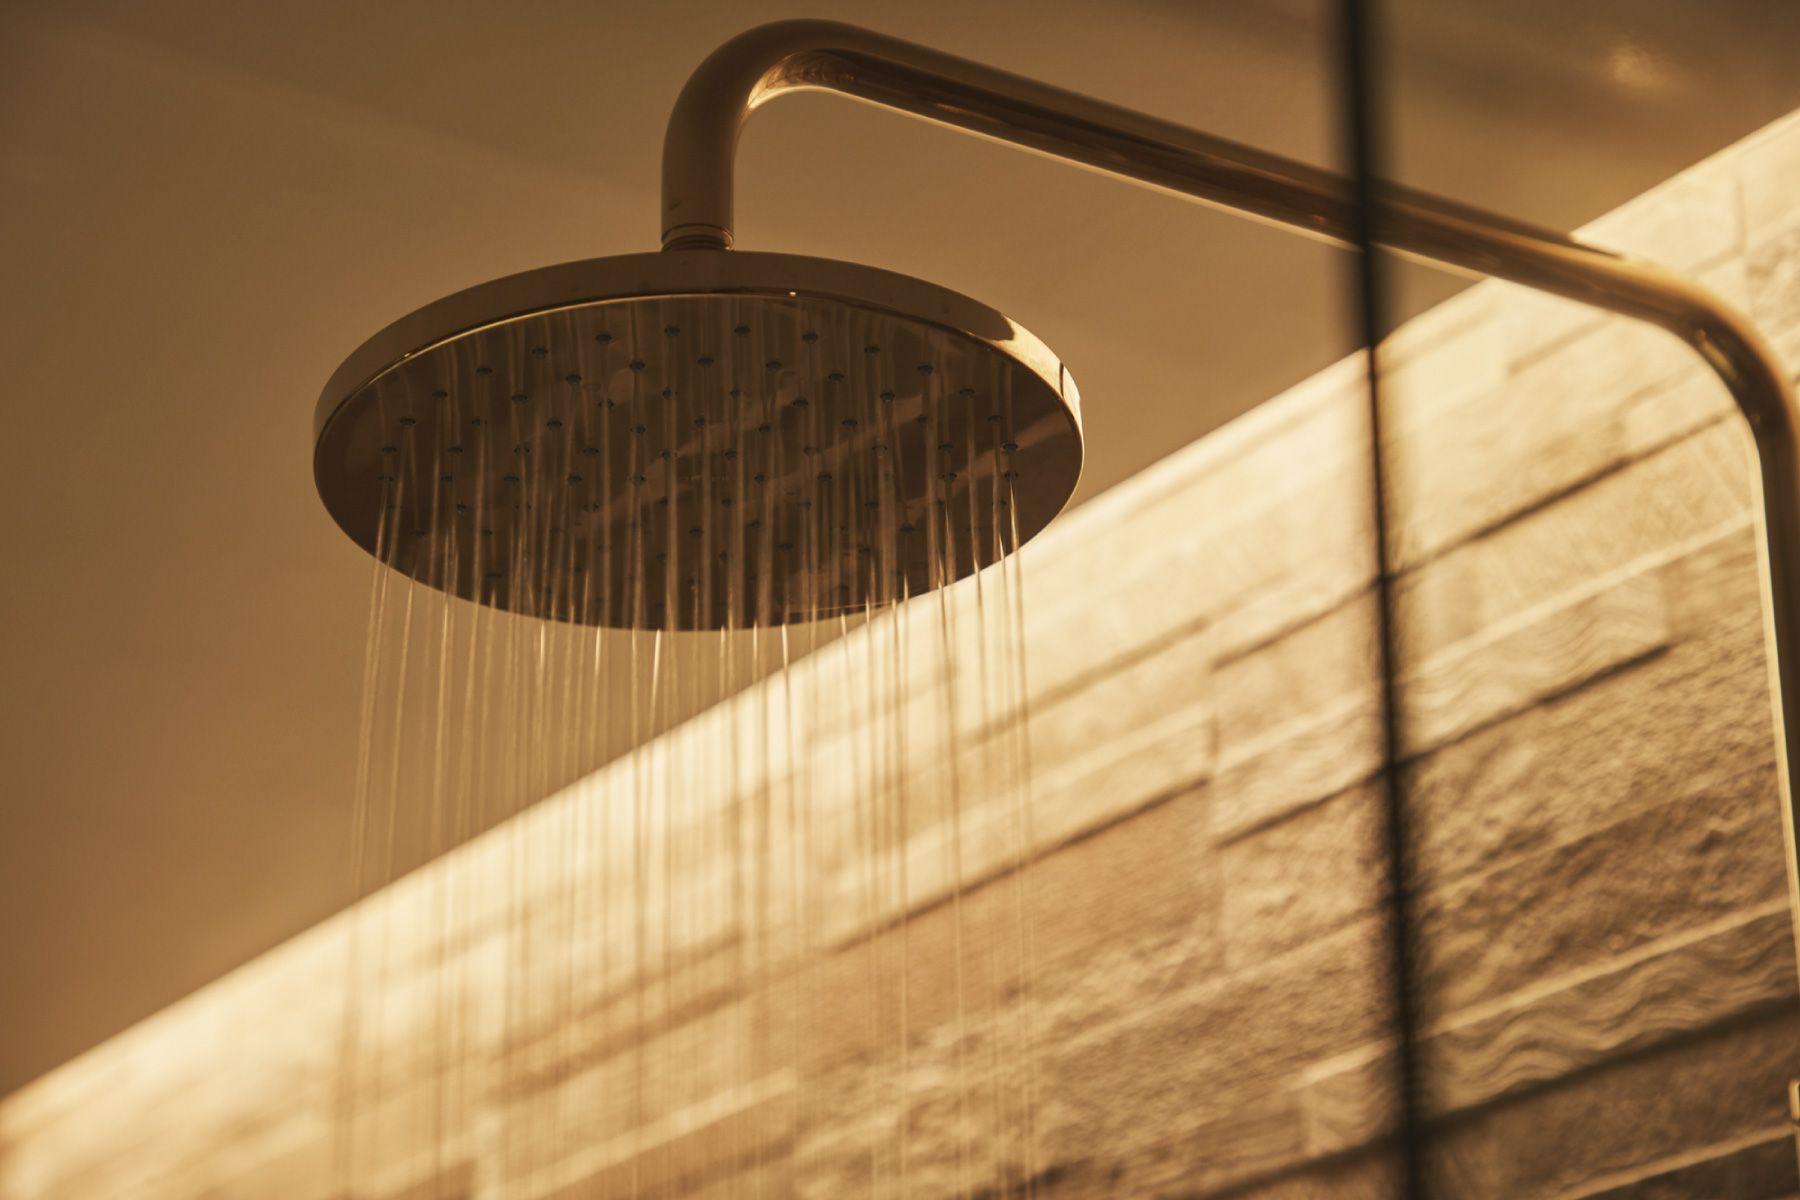 THE FLOW KAMAKURA (ザ フロウ カマクラ)SORA 3F浴室/ゴールドのレインシャワー